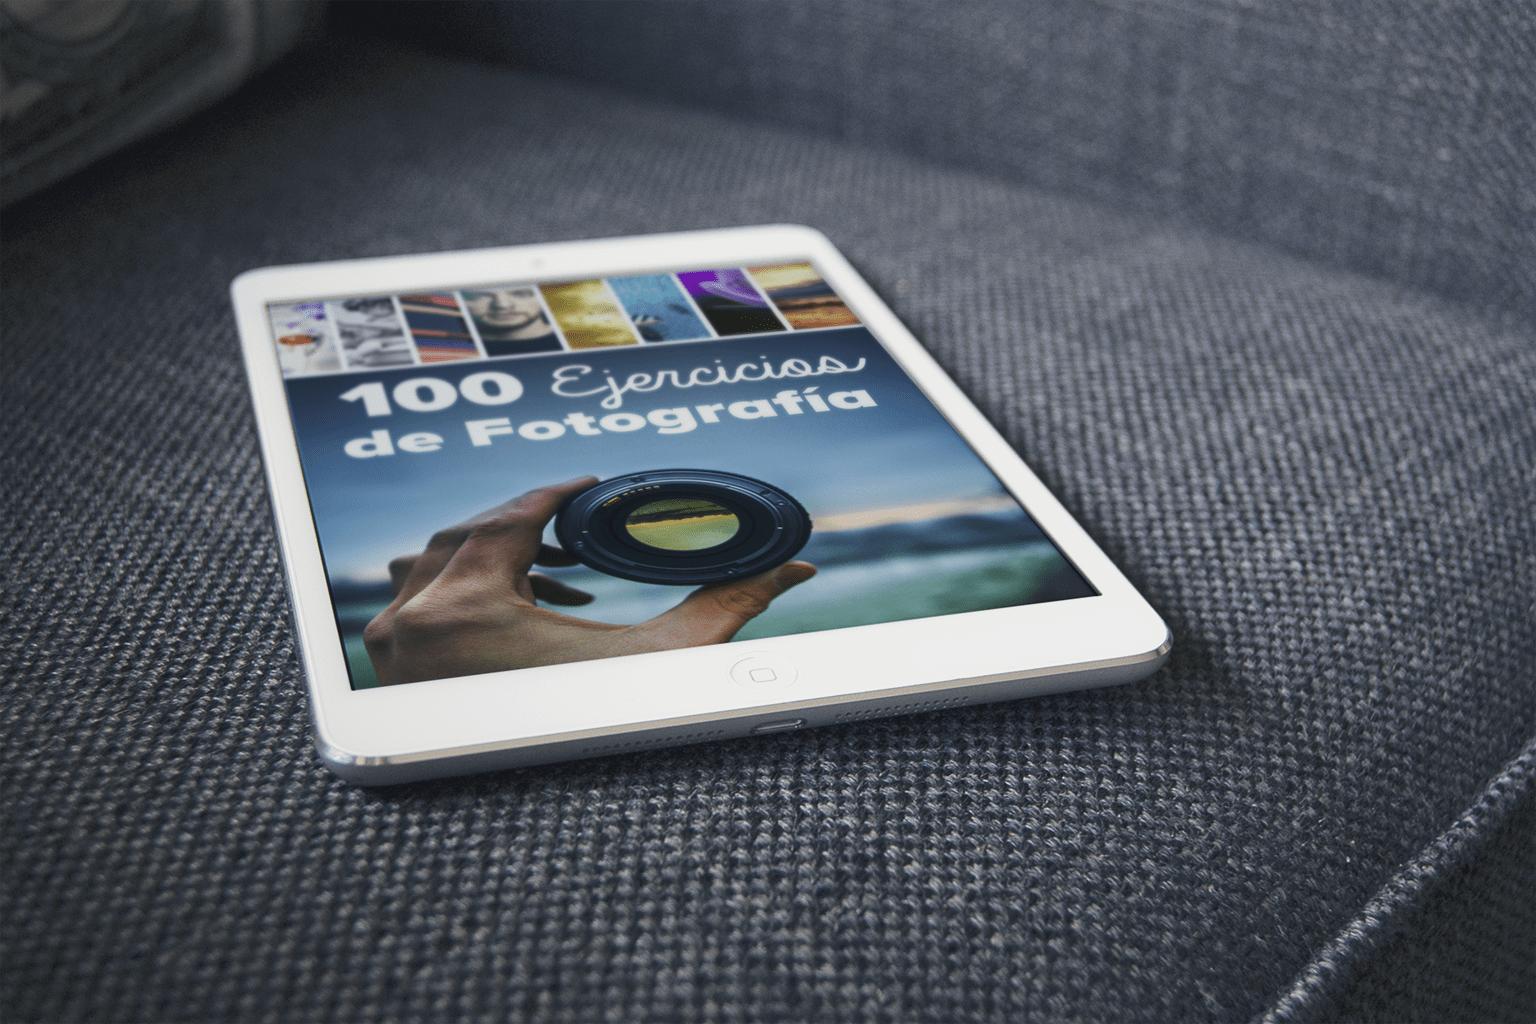 100 Ejercicios de Fotografía, Disponible en Venta